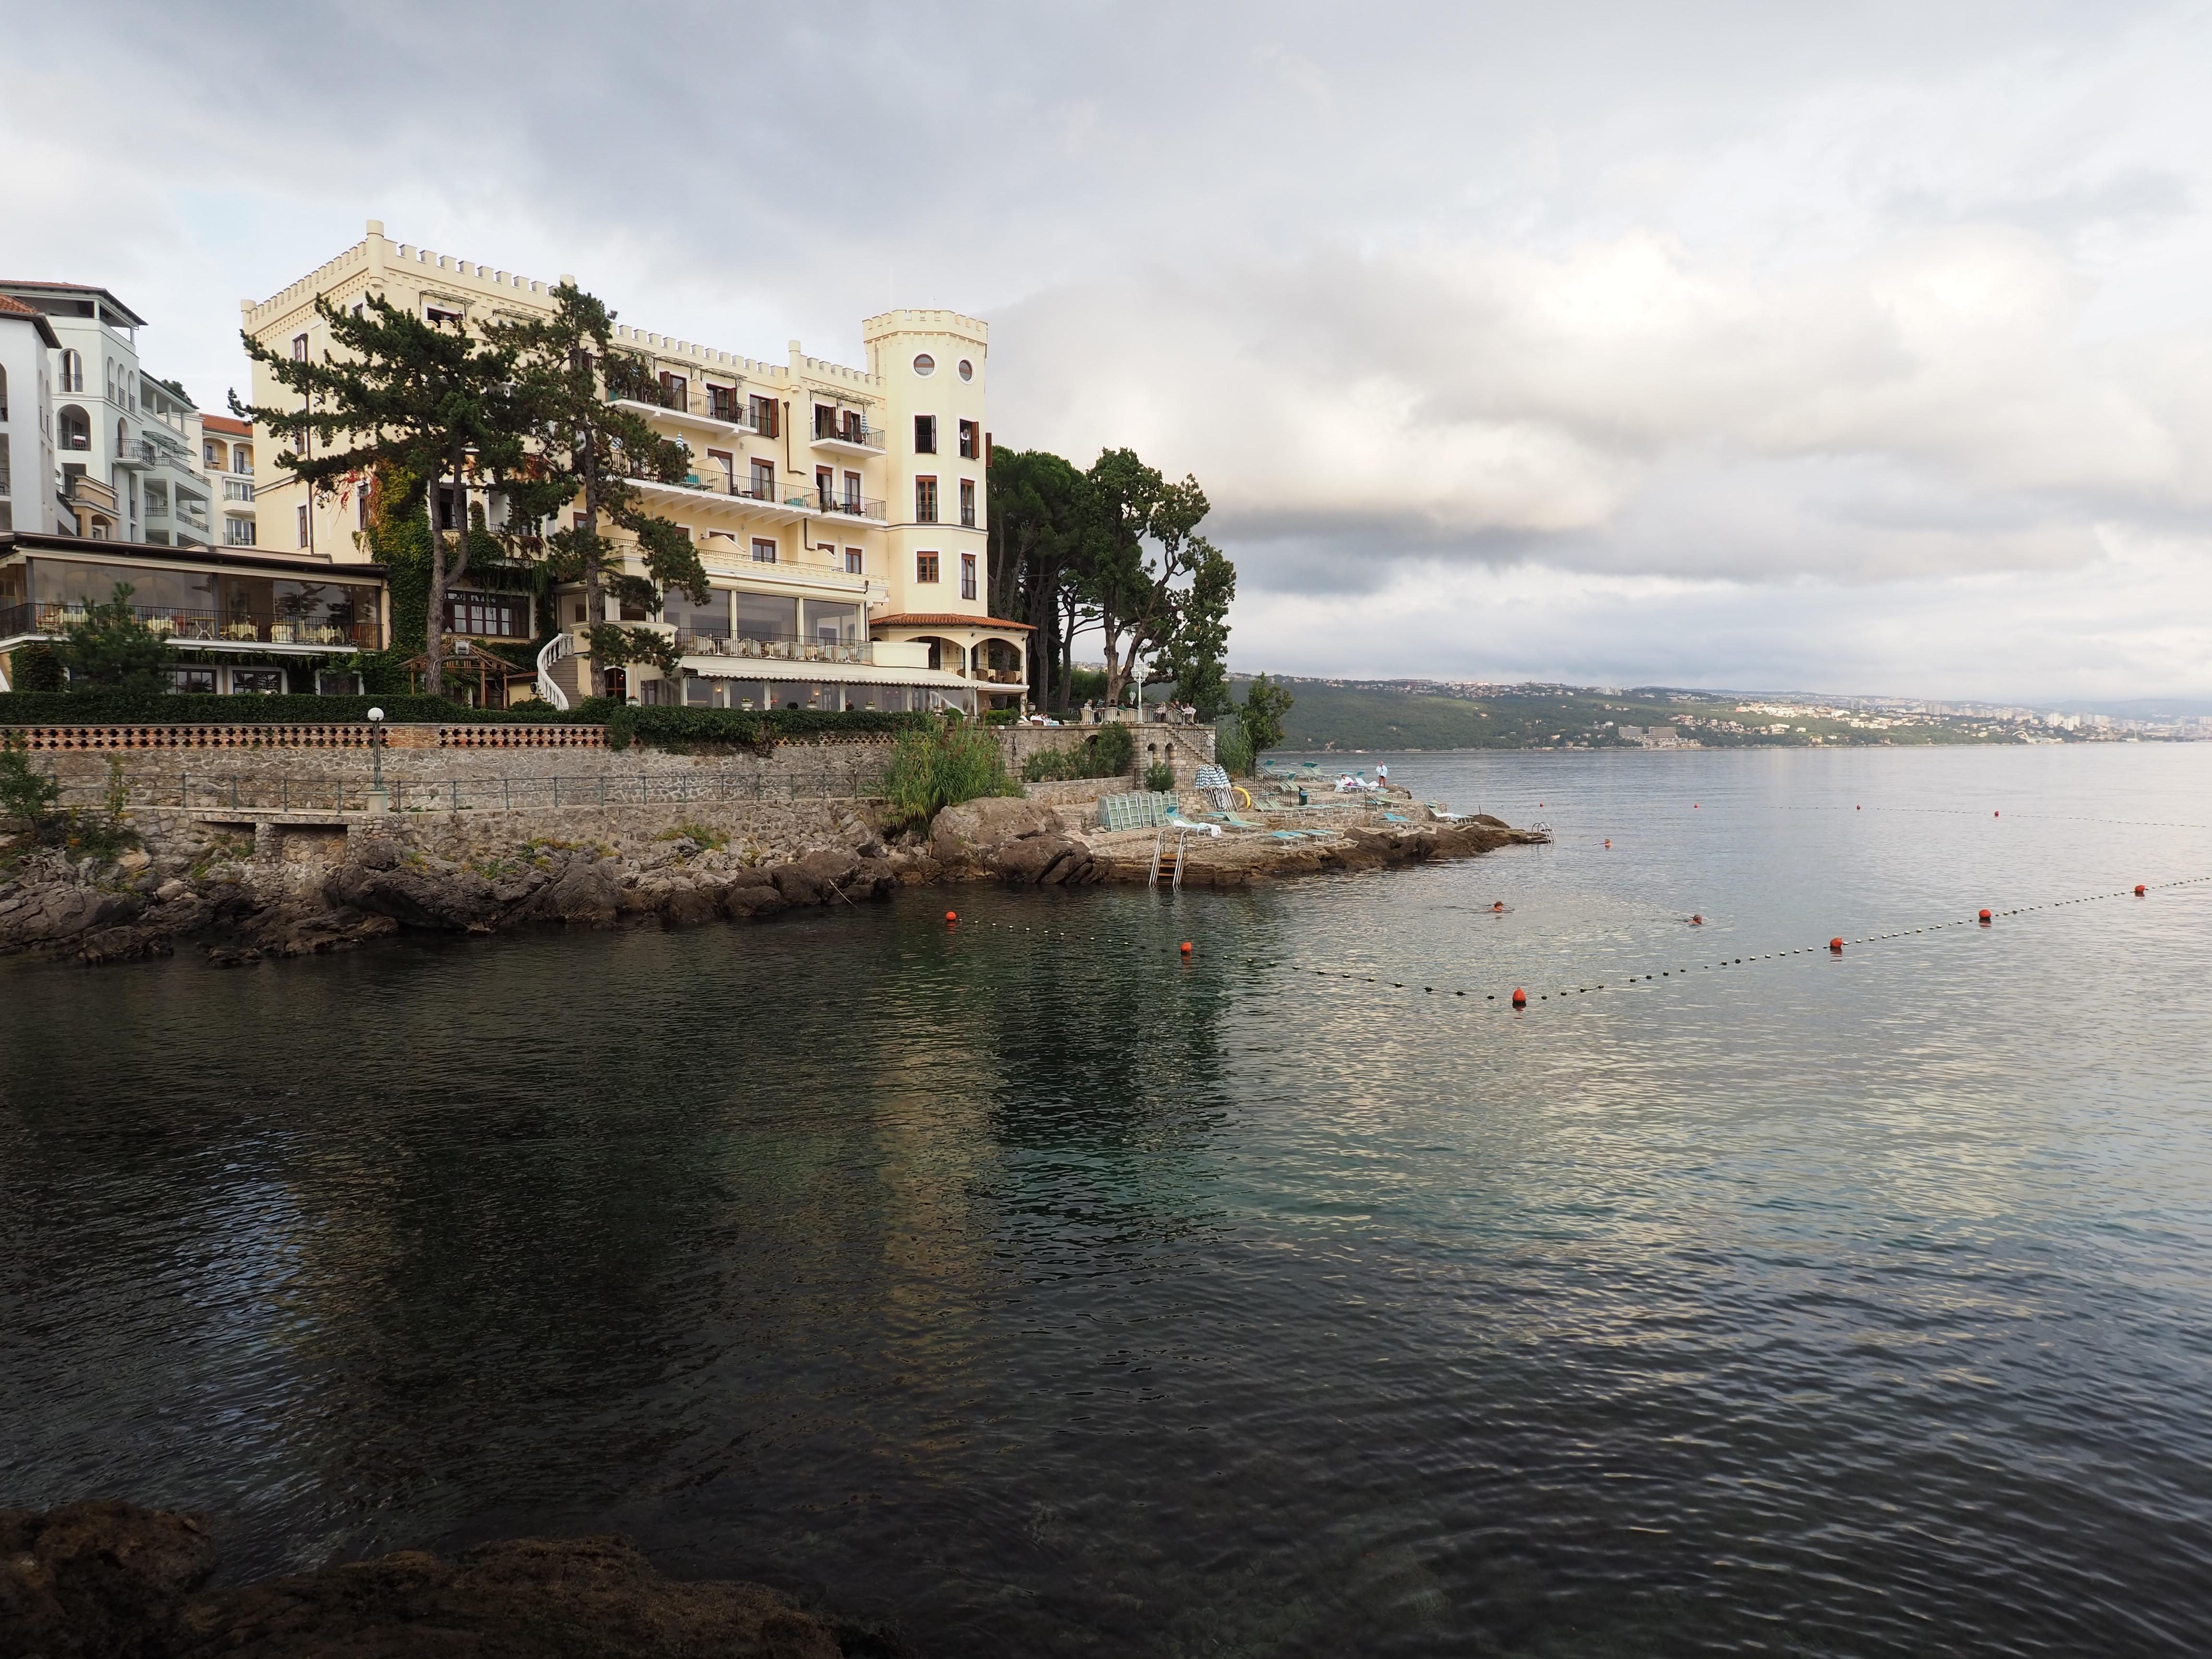 Opatija – Lust auf Meer